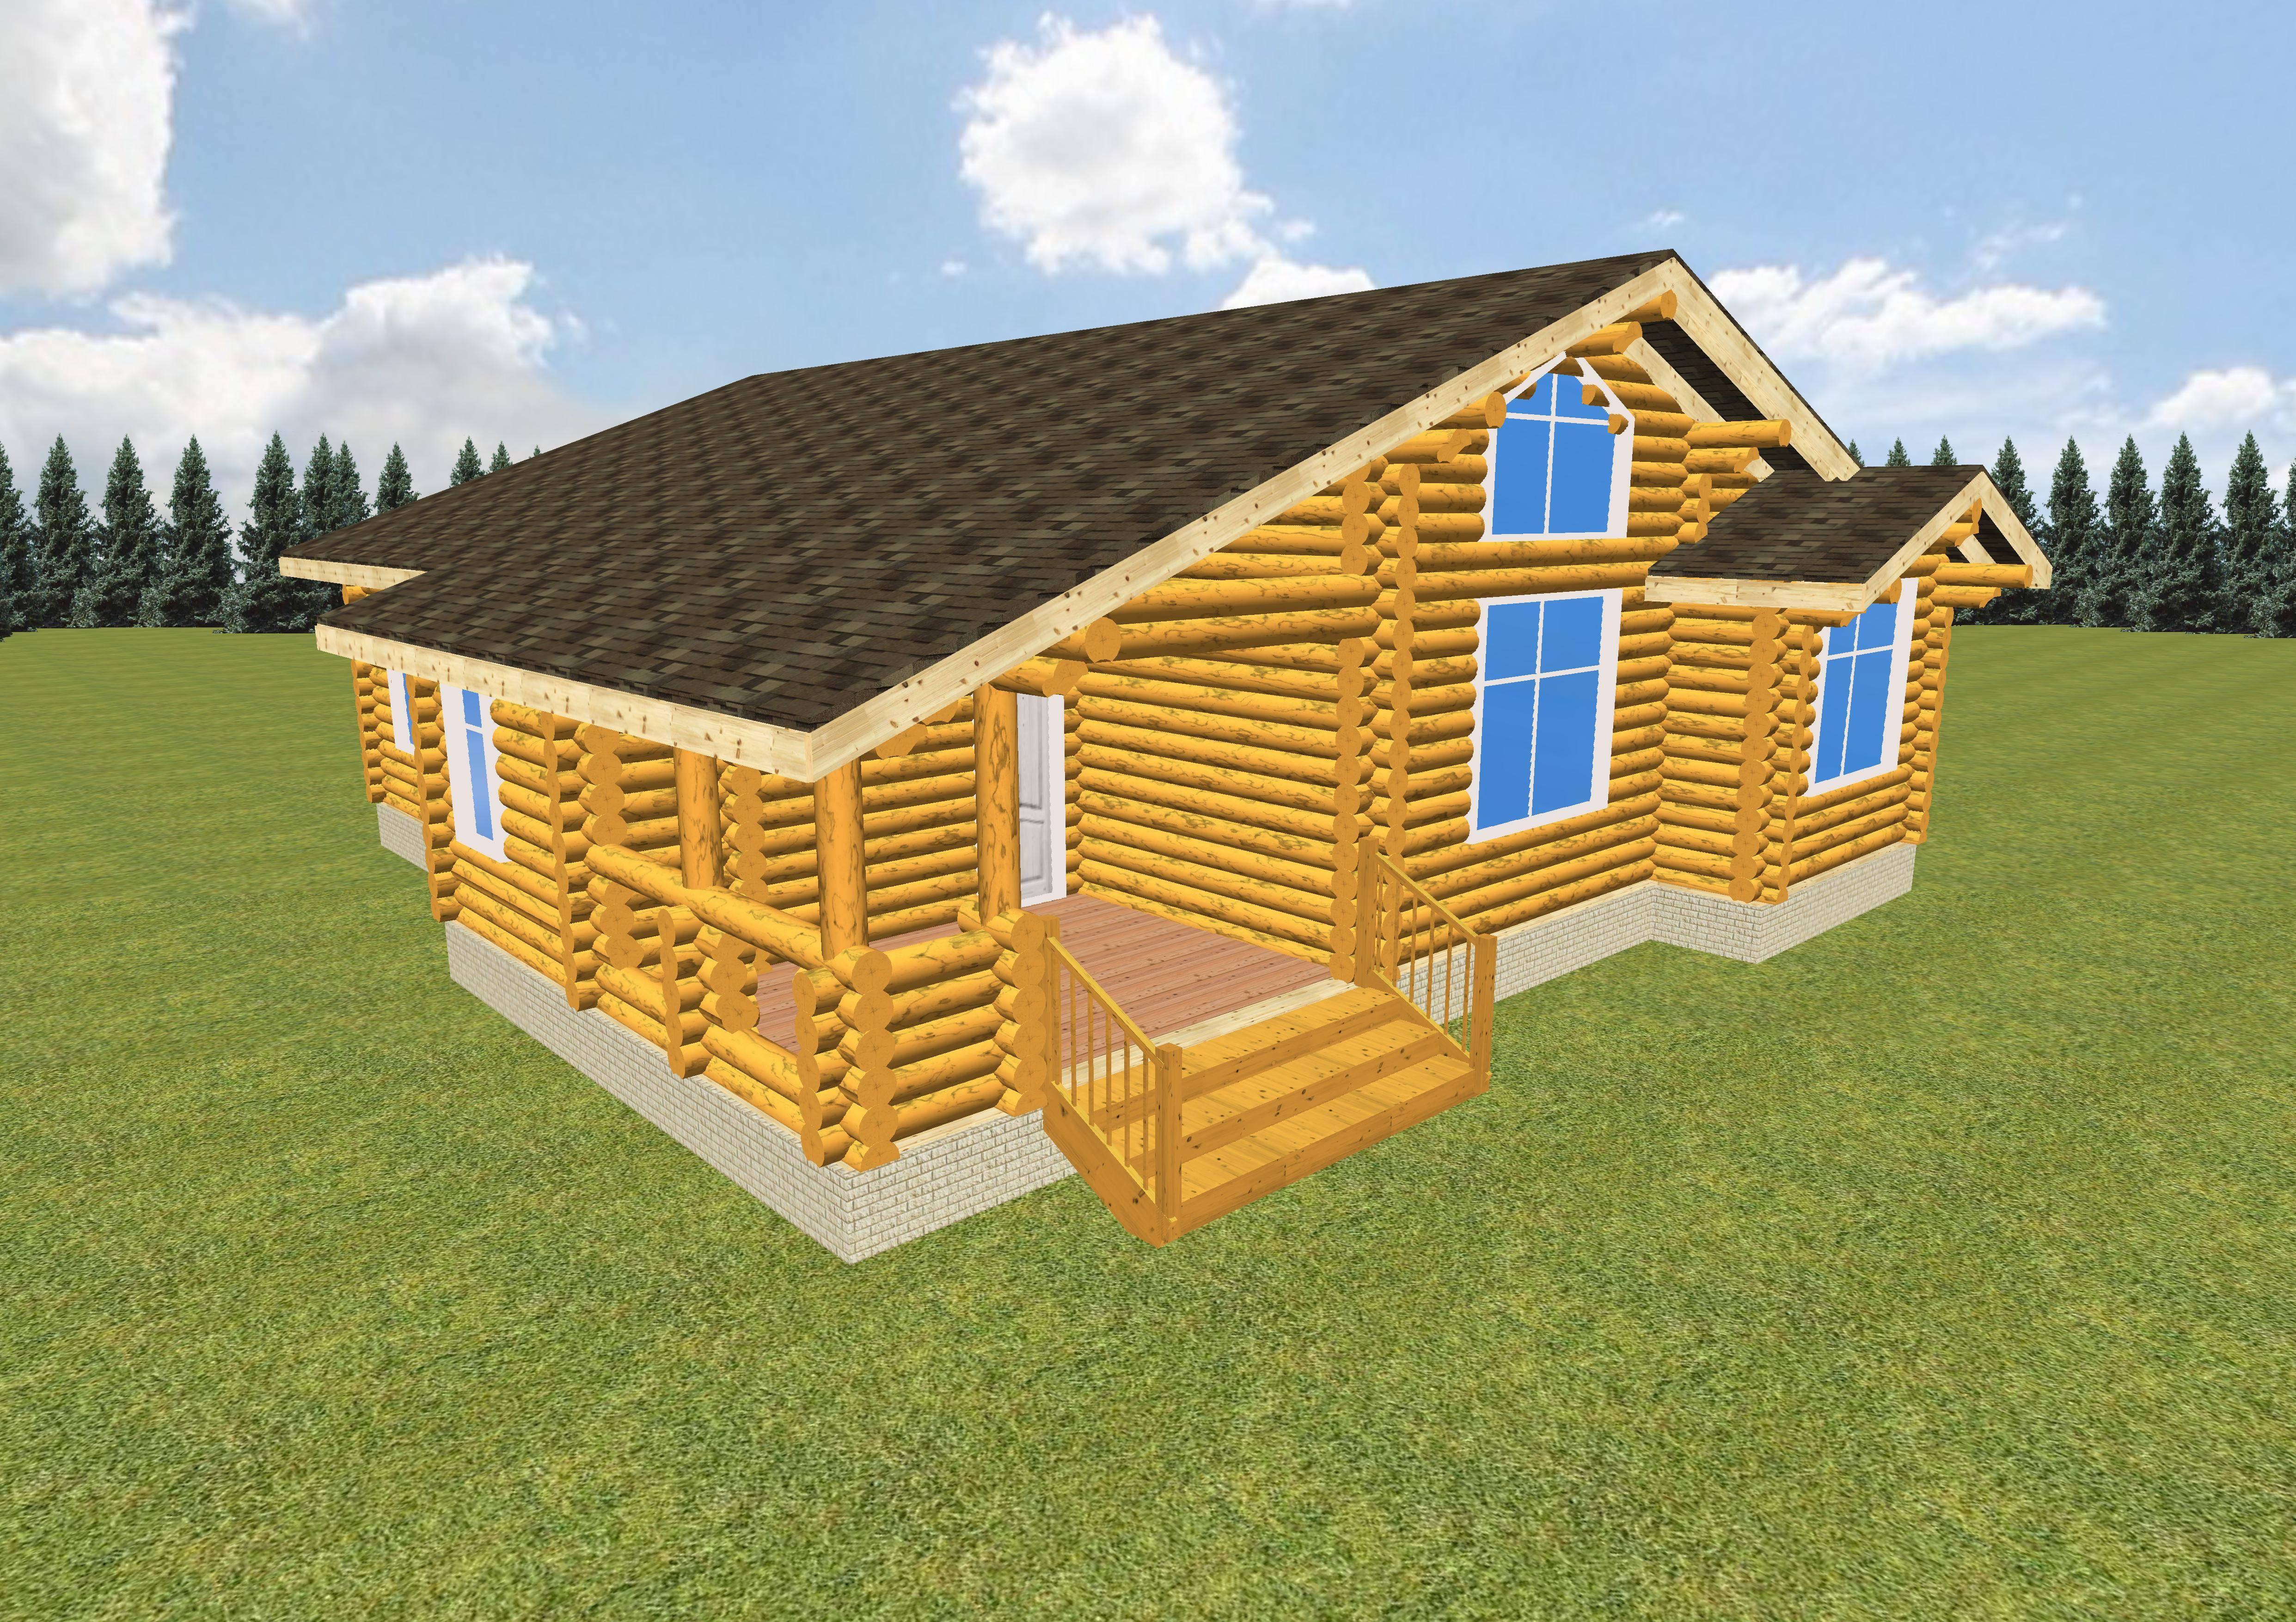 Дома из бревна (131 фото): строительство деревянного бревенчатого жилища и особенности калиброванного стройматериала, как построить из бруса и древесины большого диаметра